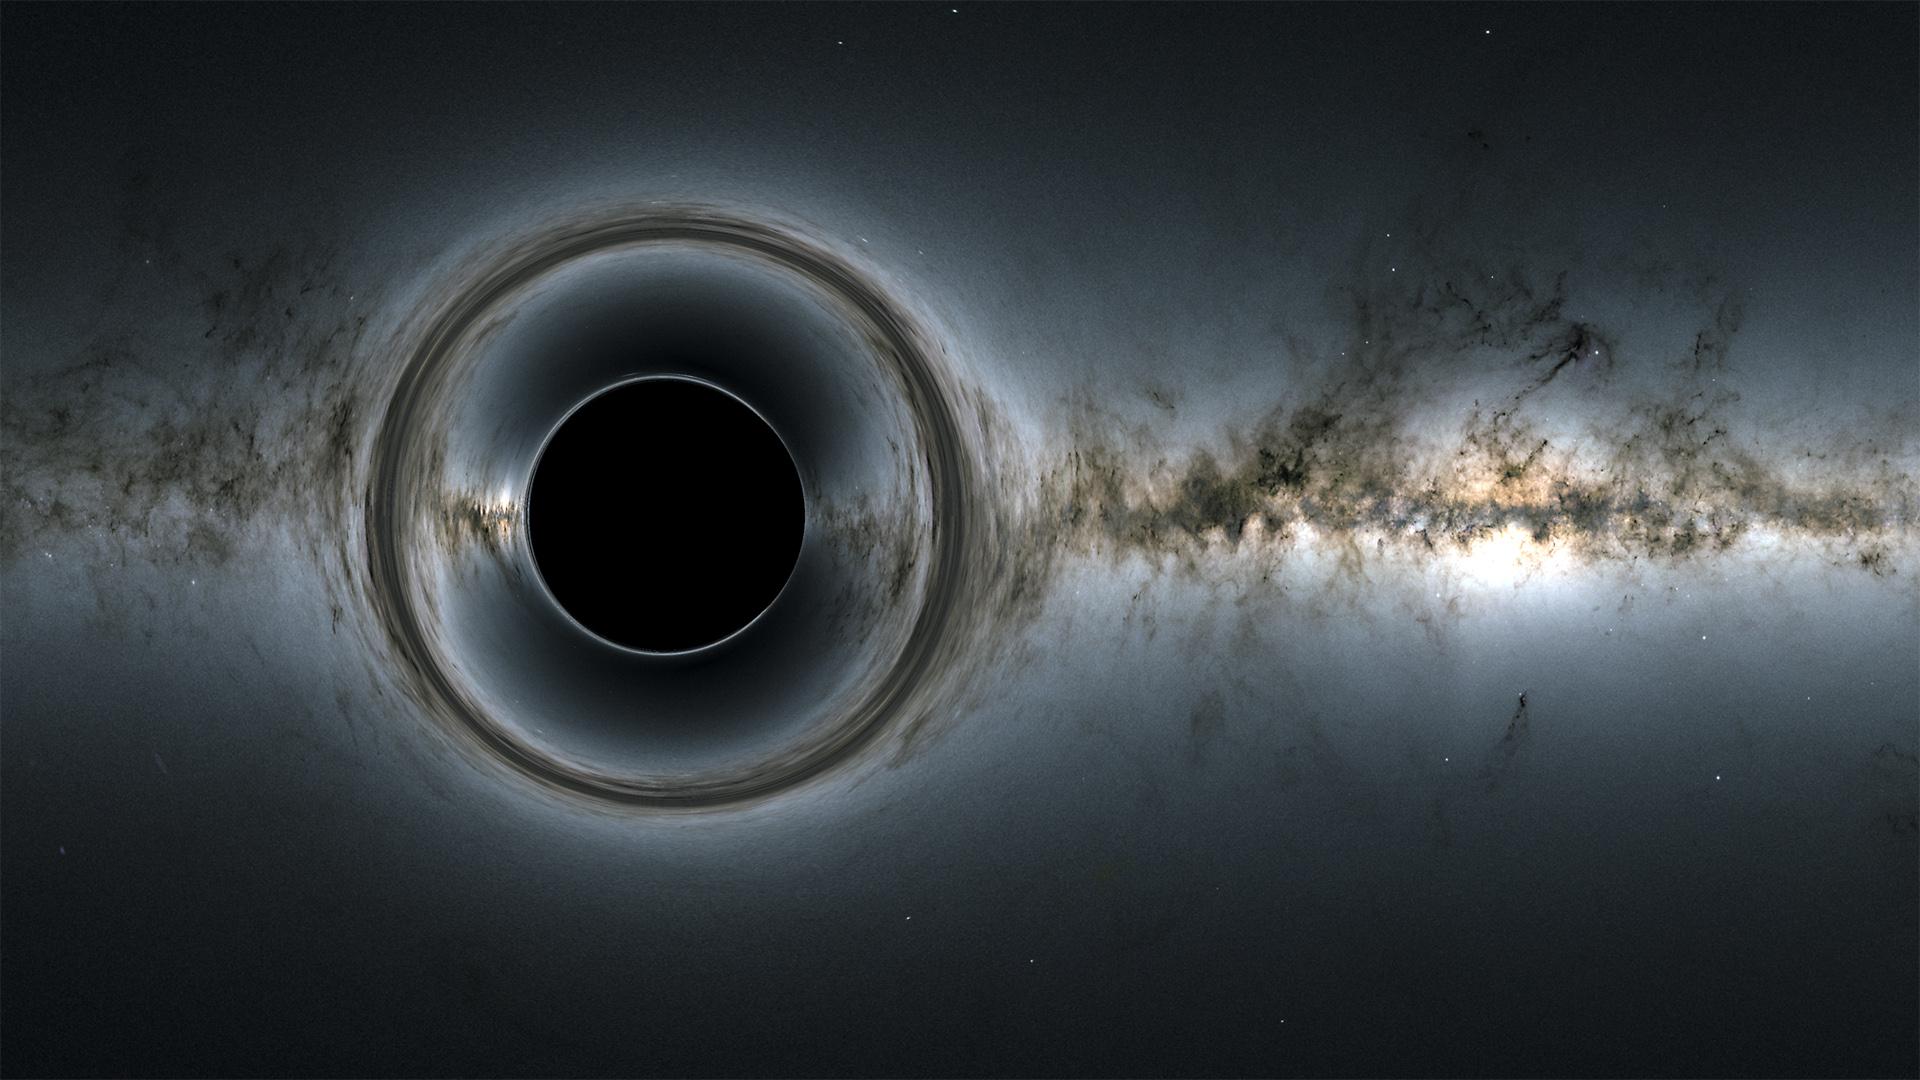 Kara delik hakkında bilgiler